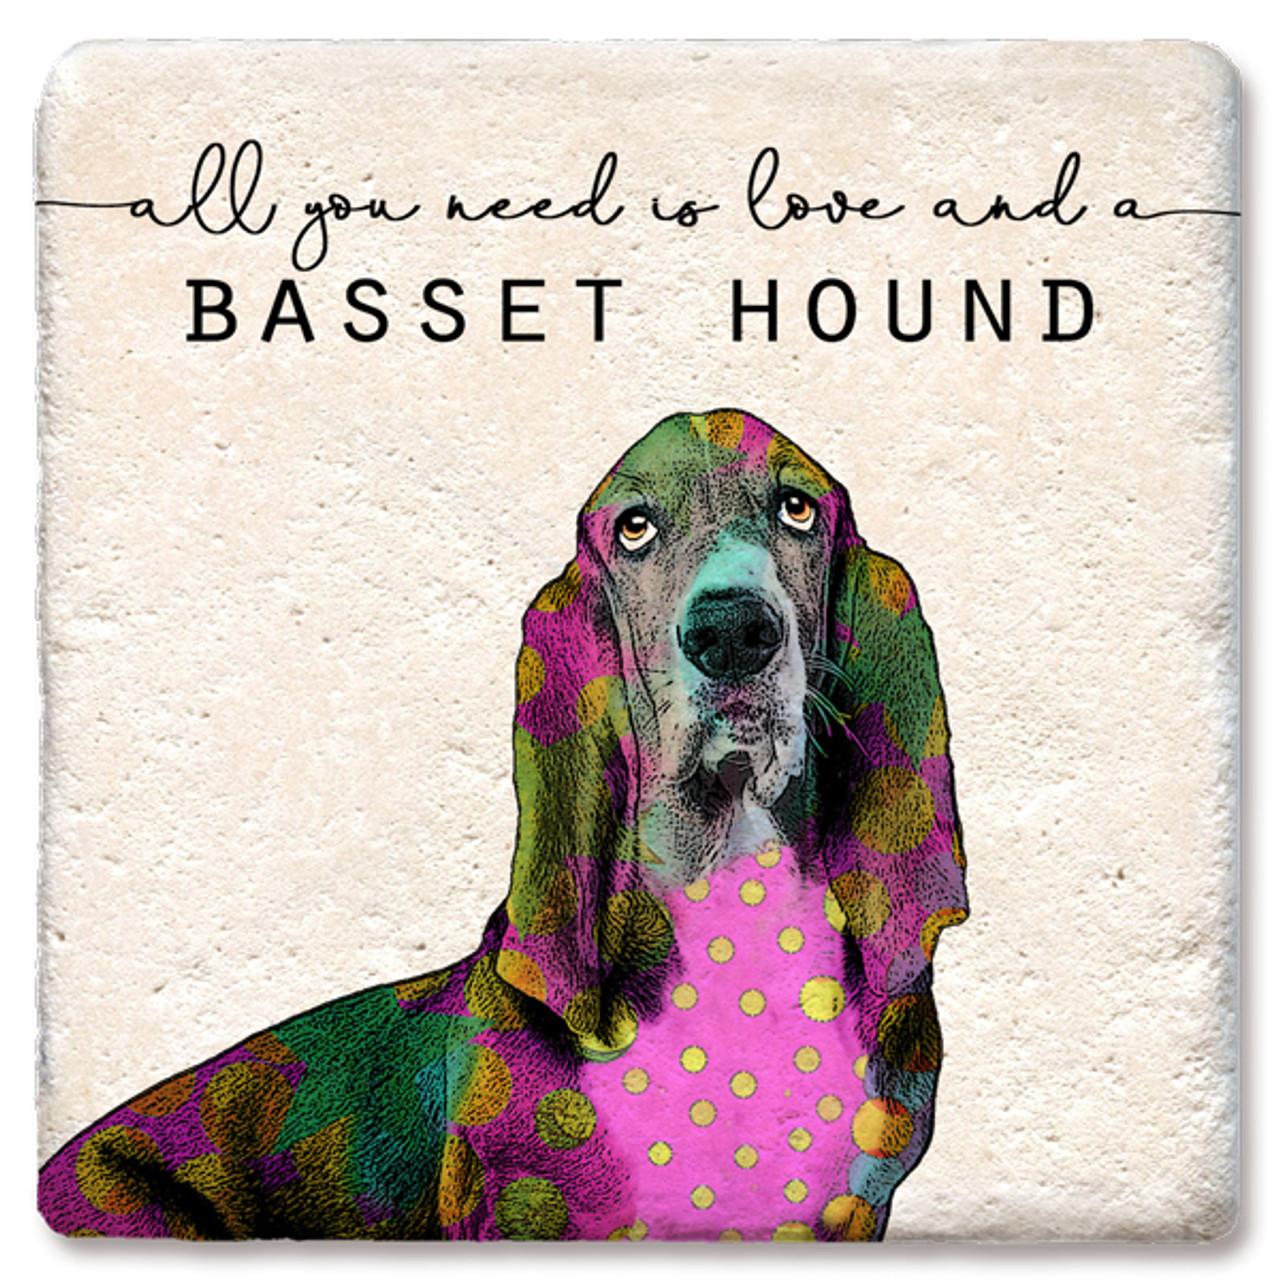 Greyhound Dog Blank Greeting Card 8x5.5